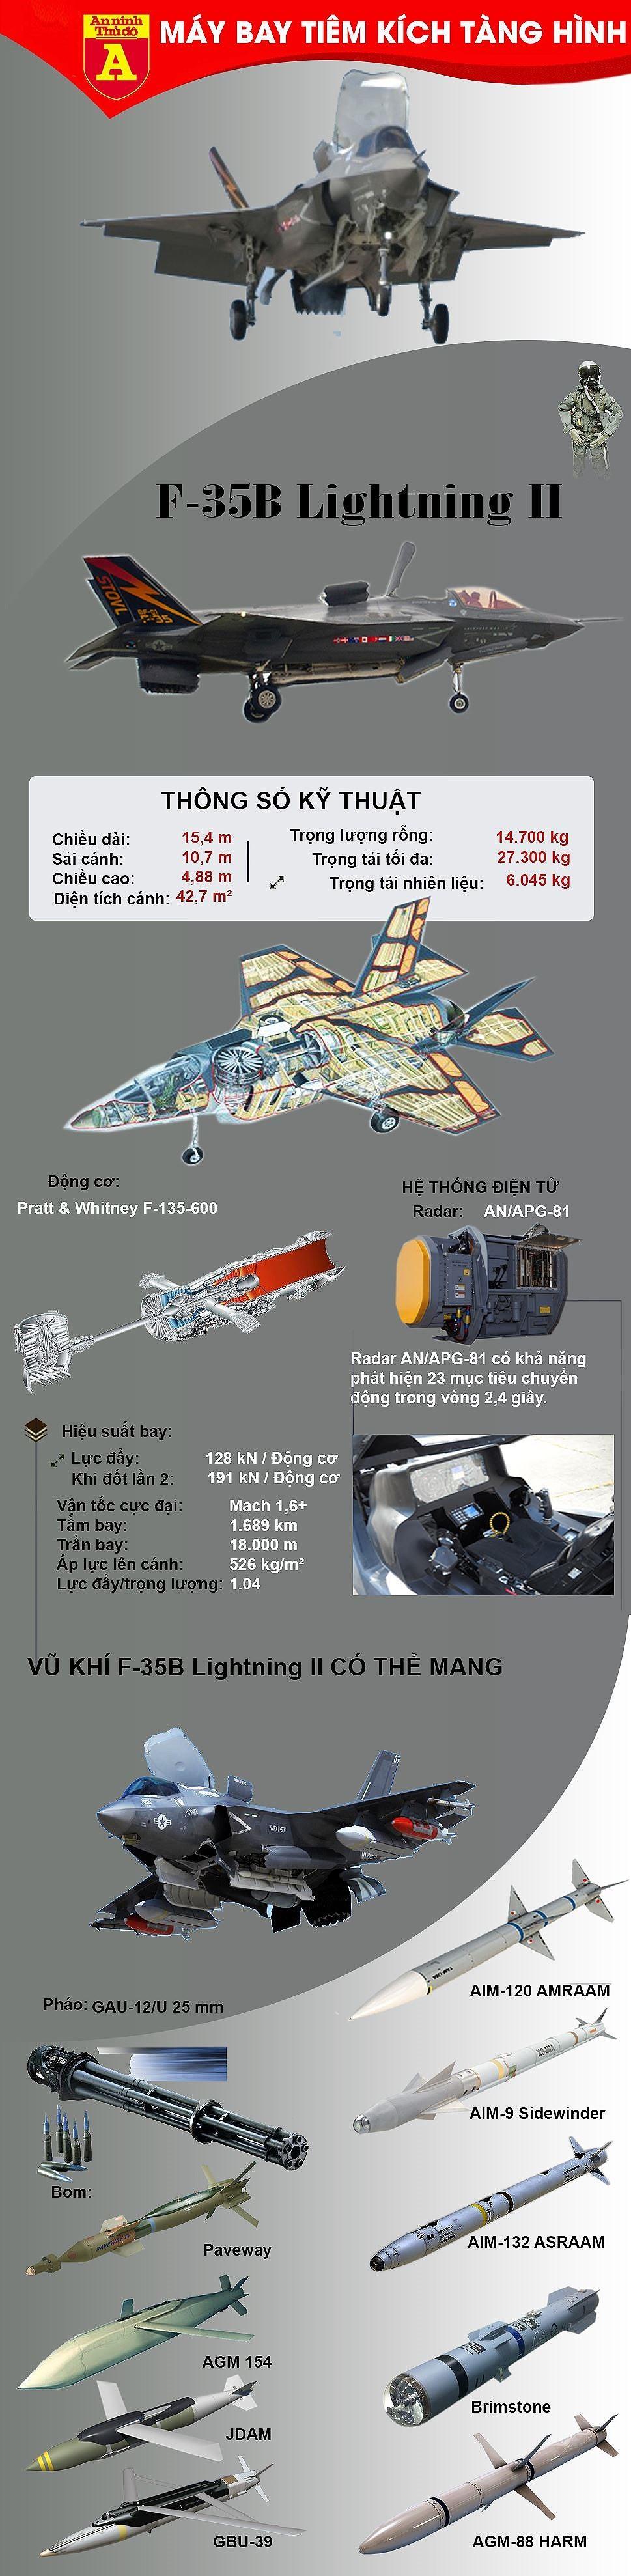 [ĐỒ HỌA] Mỹ xót xa loại biên siêu tiêm kích tàng hình F-35B khi chưa một lần xung trận ảnh 4